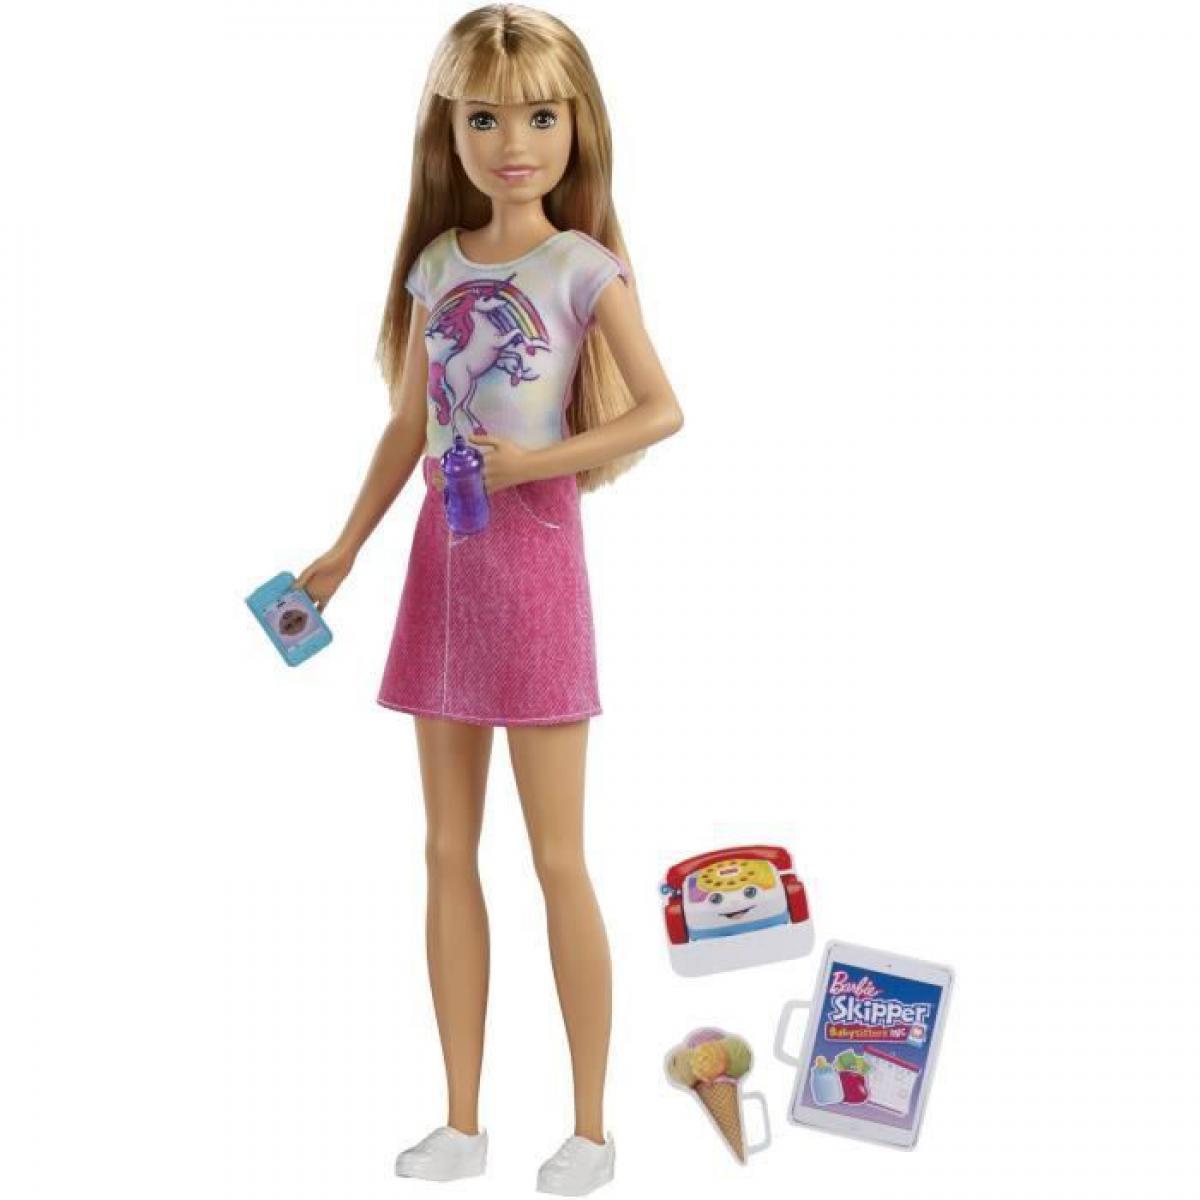 Barbie BARBIE - Babysitter Blonde - Coffret Poupee Mannequin - Poupee Baby-sitter avec accessoires